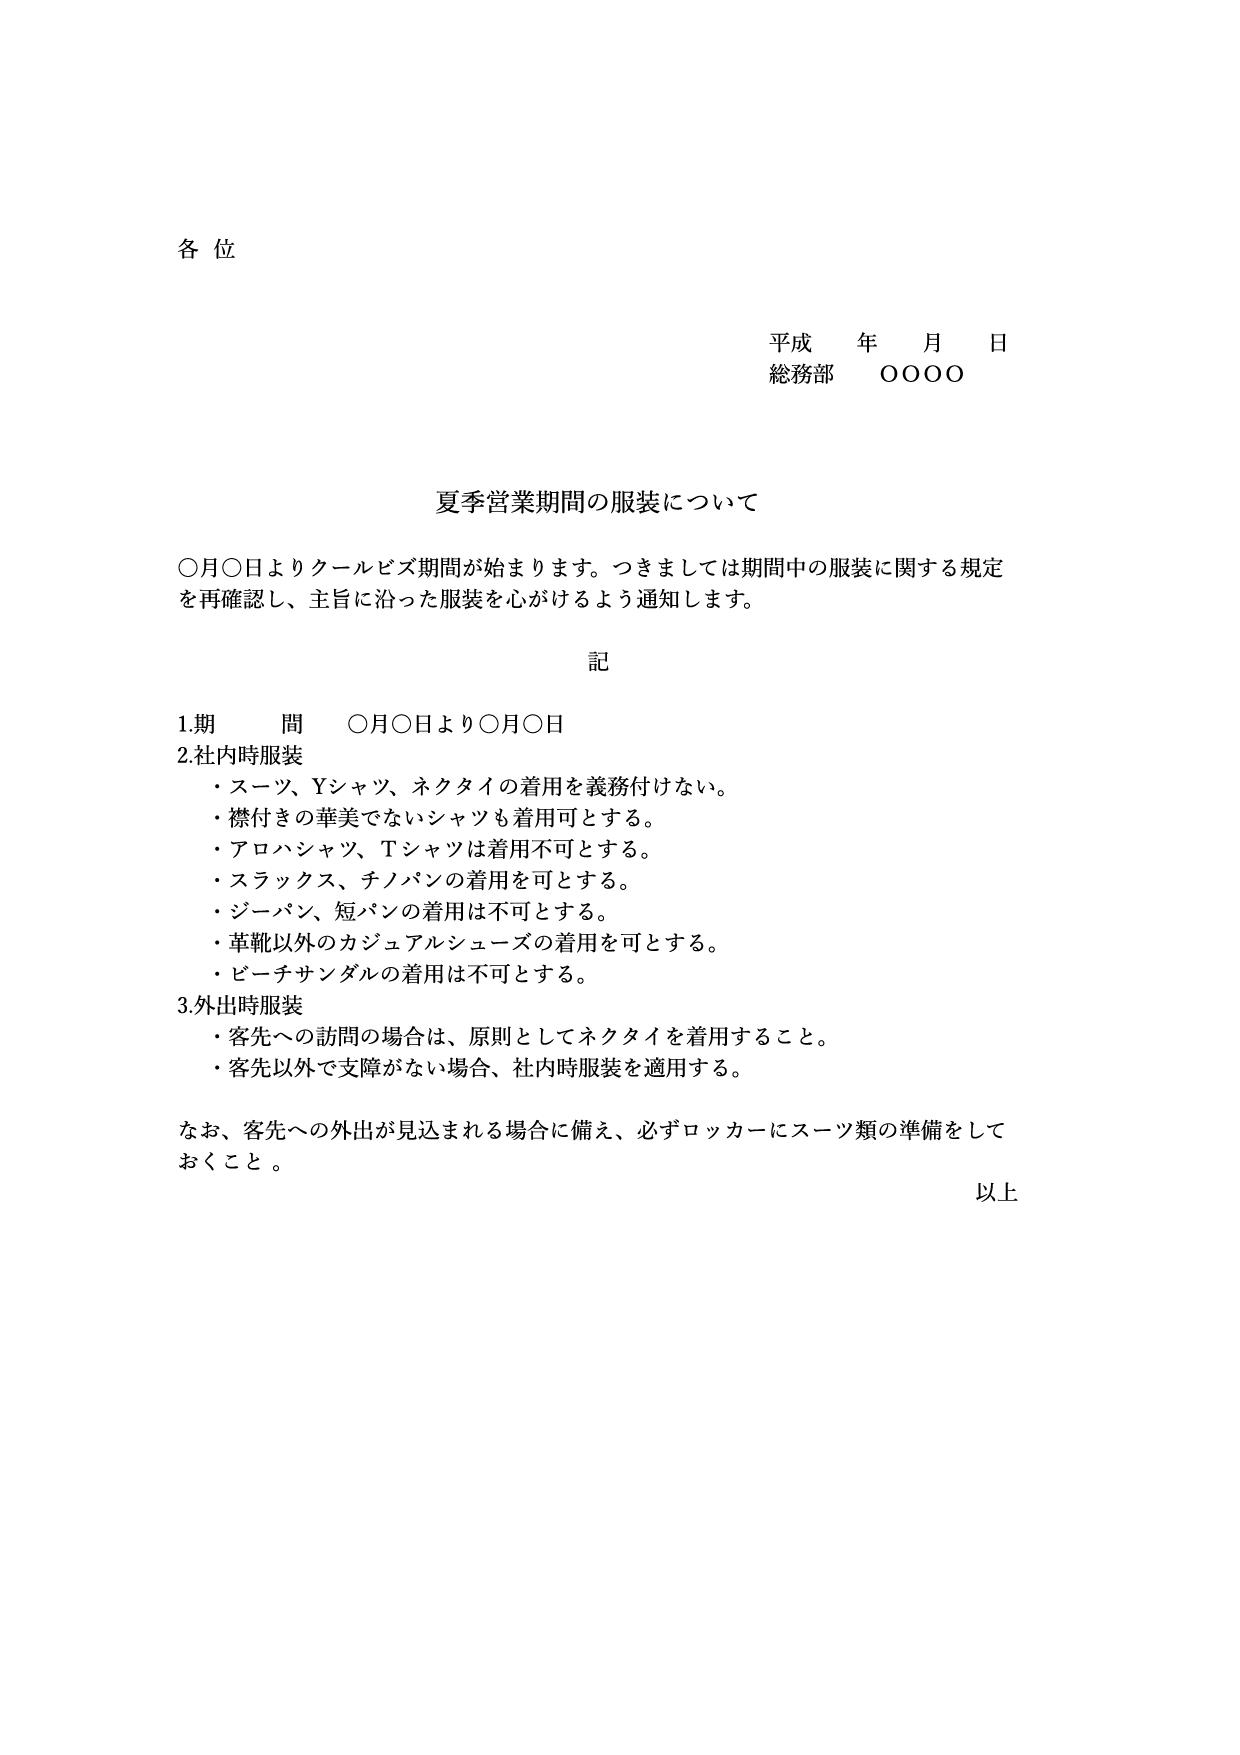 通知書テンプレート_総務_夏季営業(ワード・ページズ)